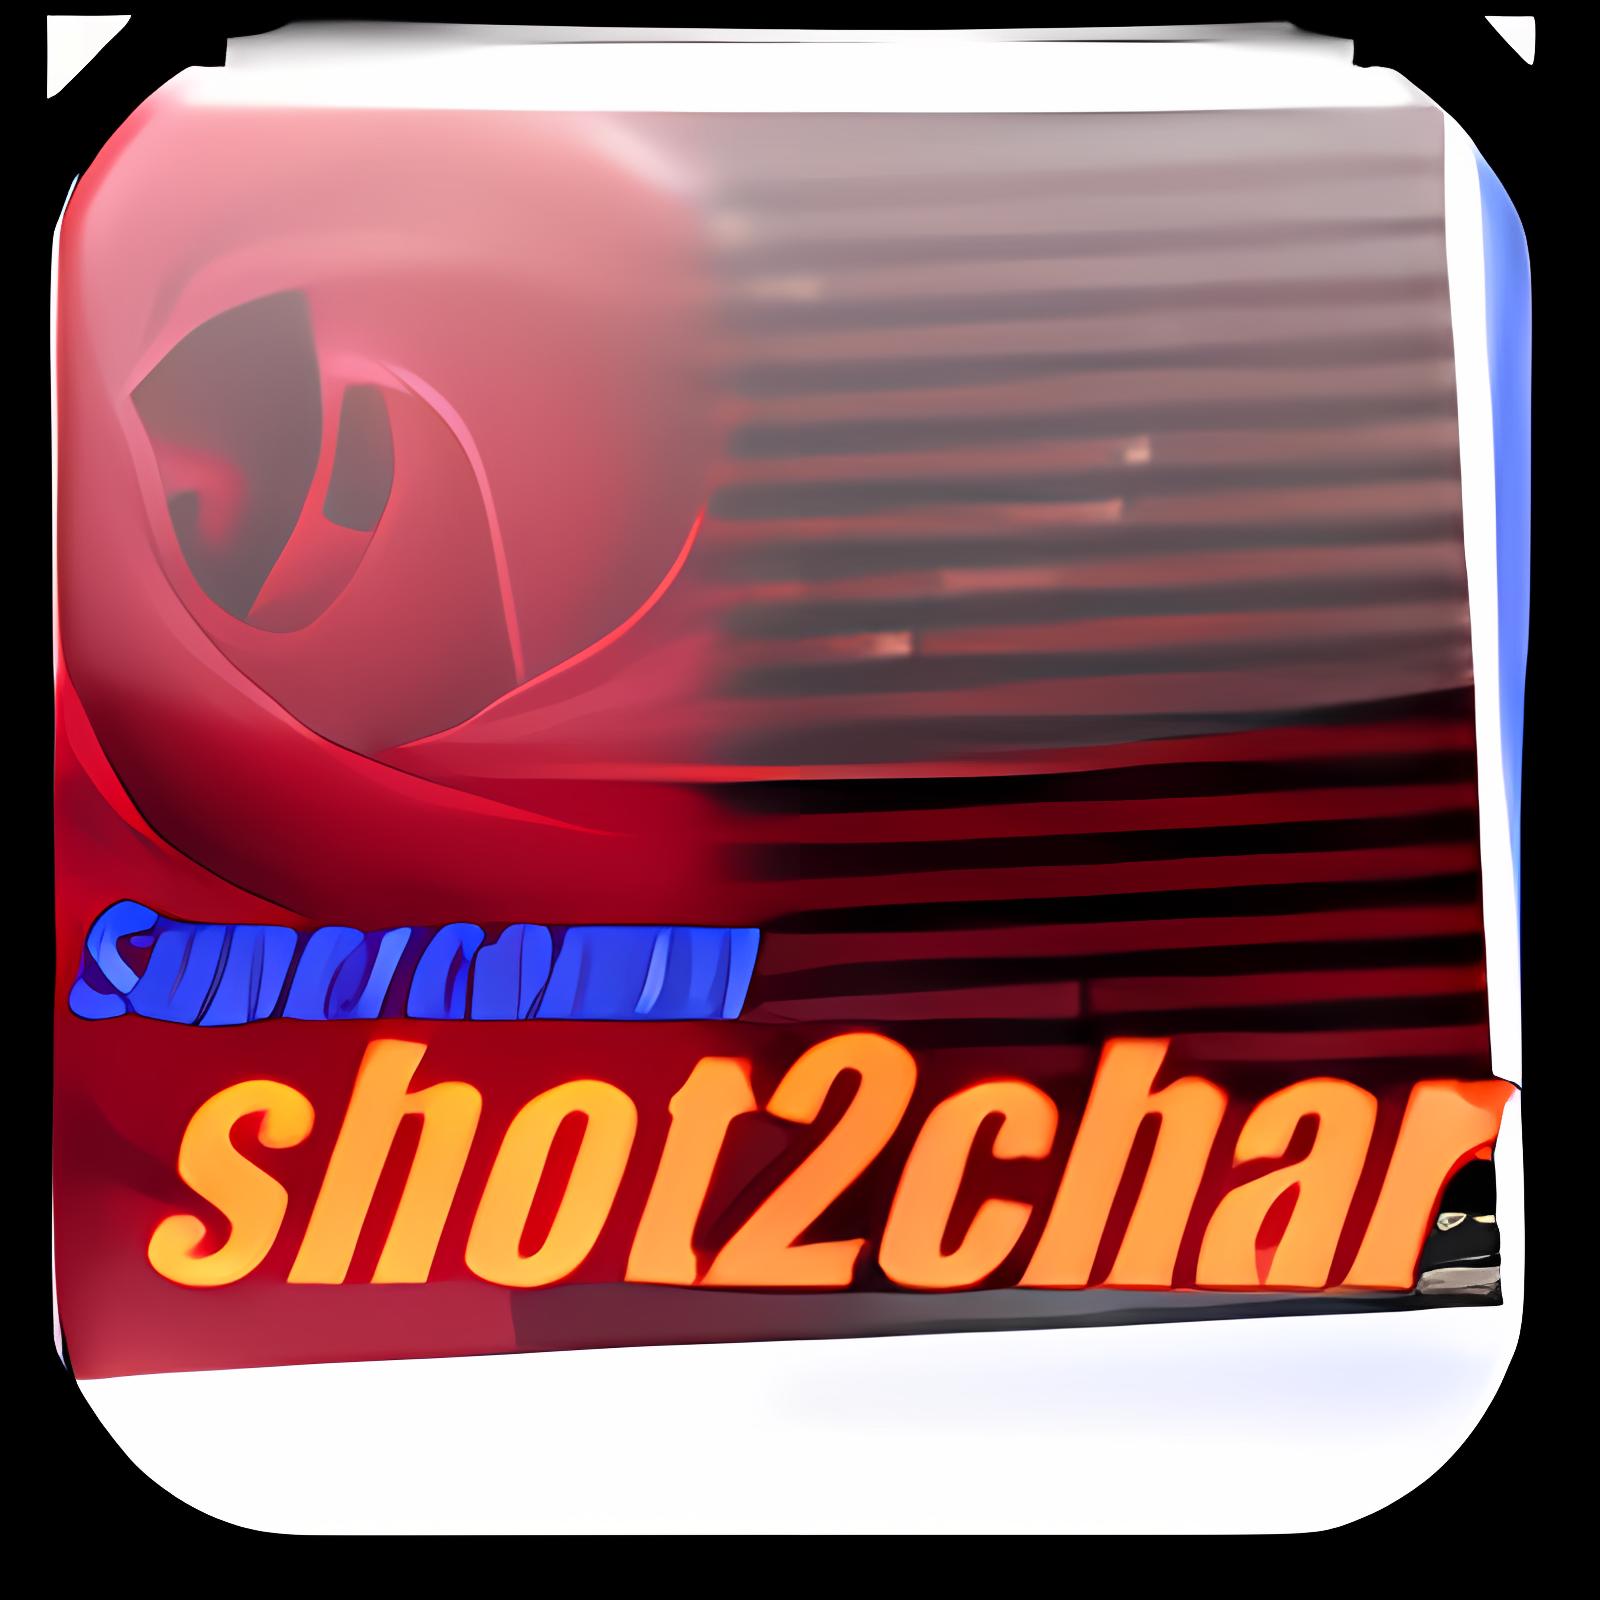 Supercomm shot2char